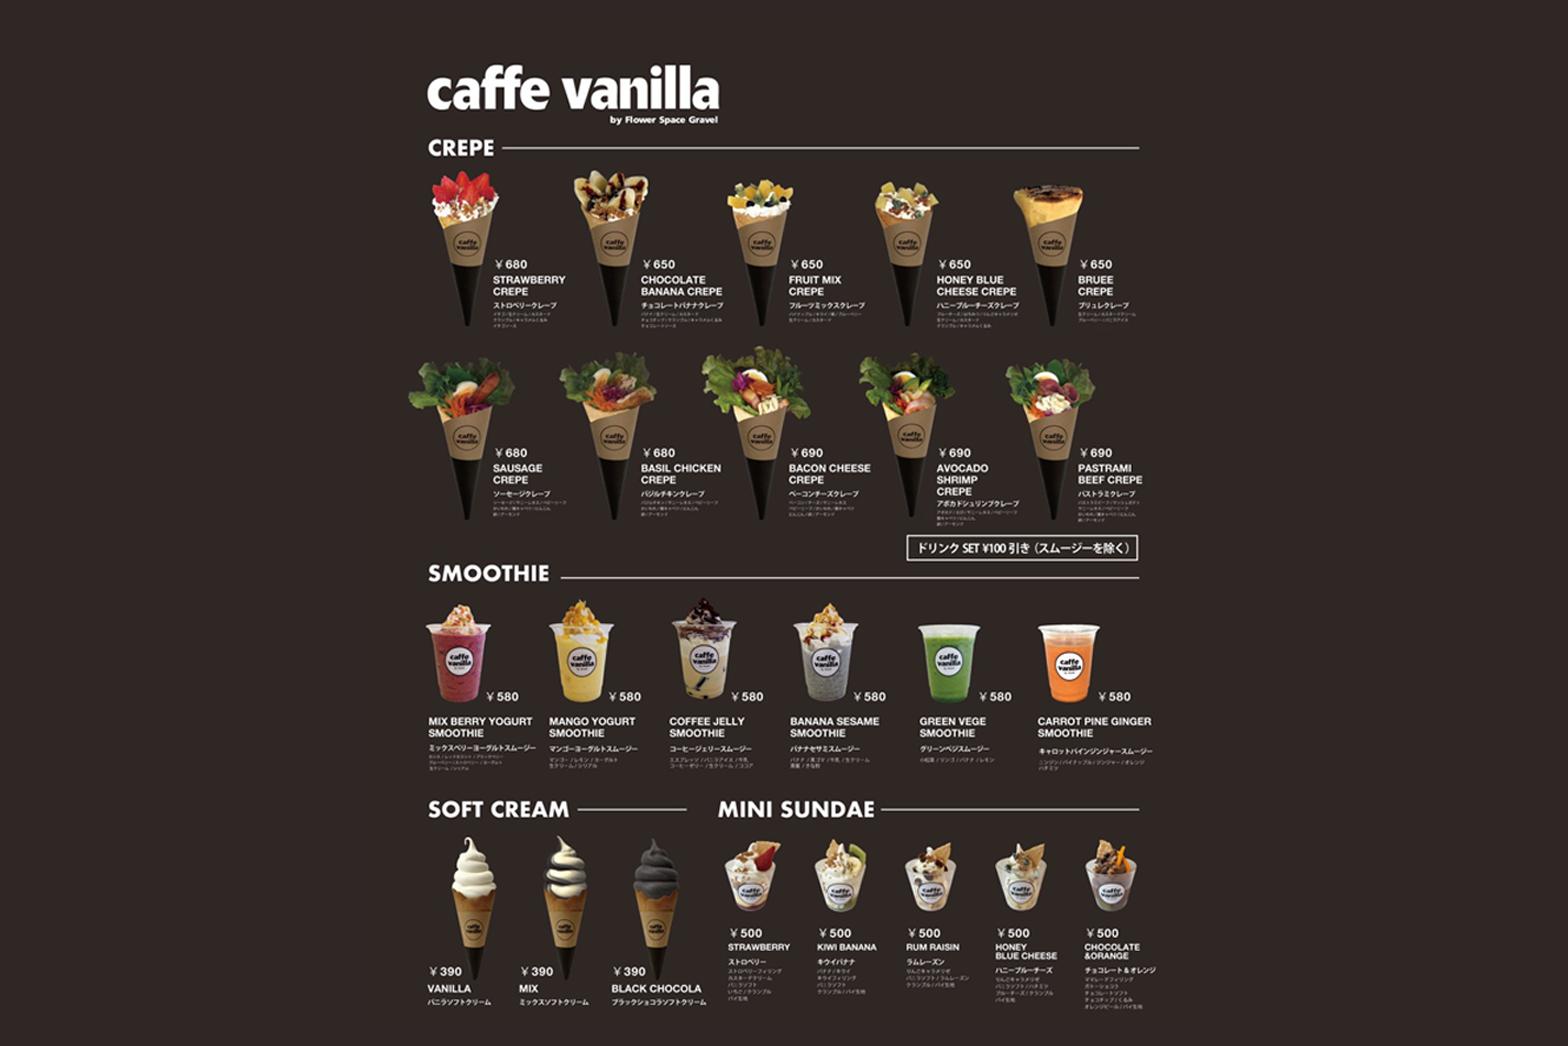 caffe vanilla menu